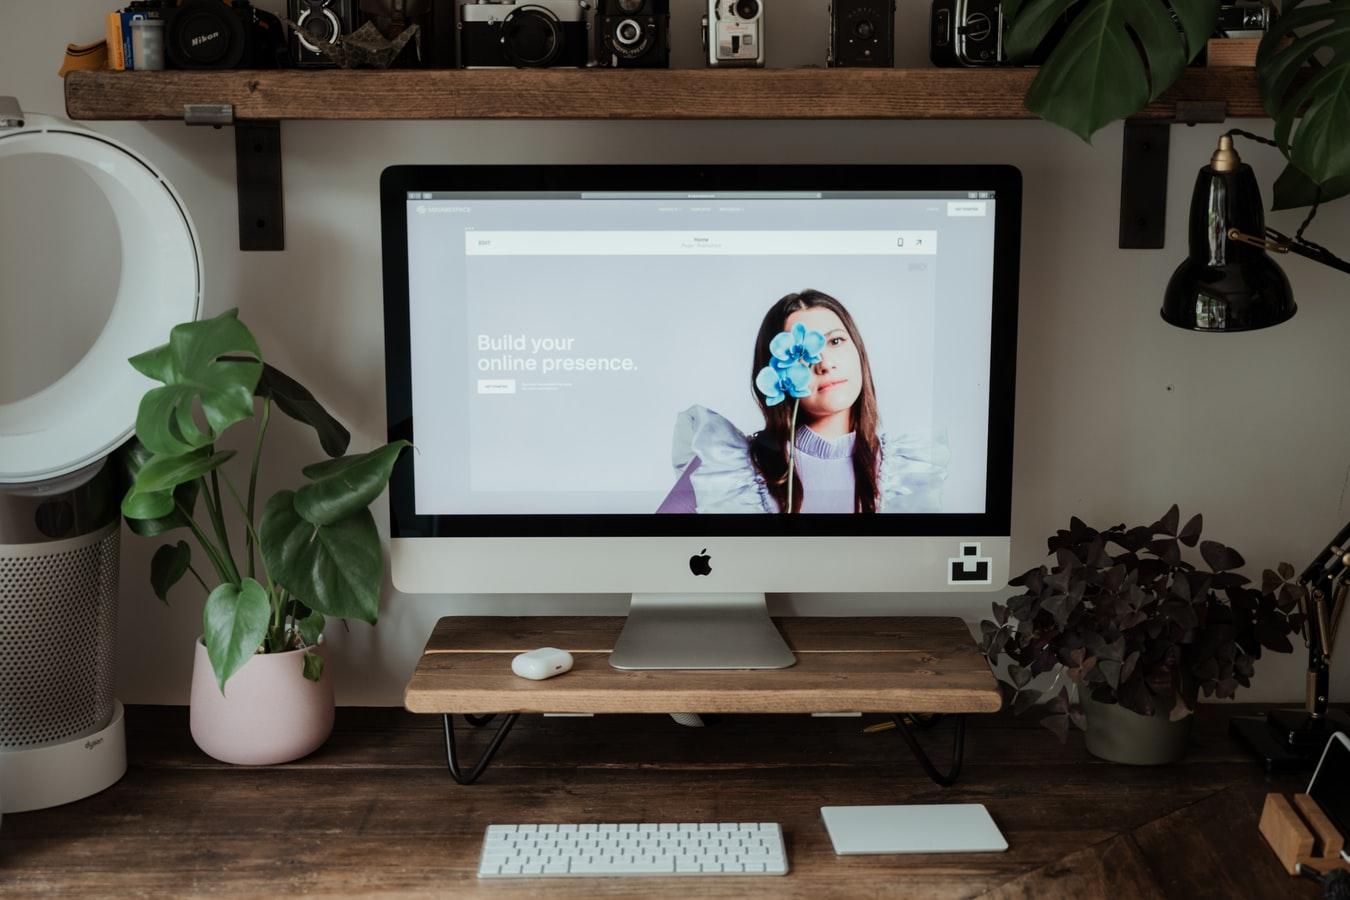 atur kecerahan layar monitor saat kuliah daring